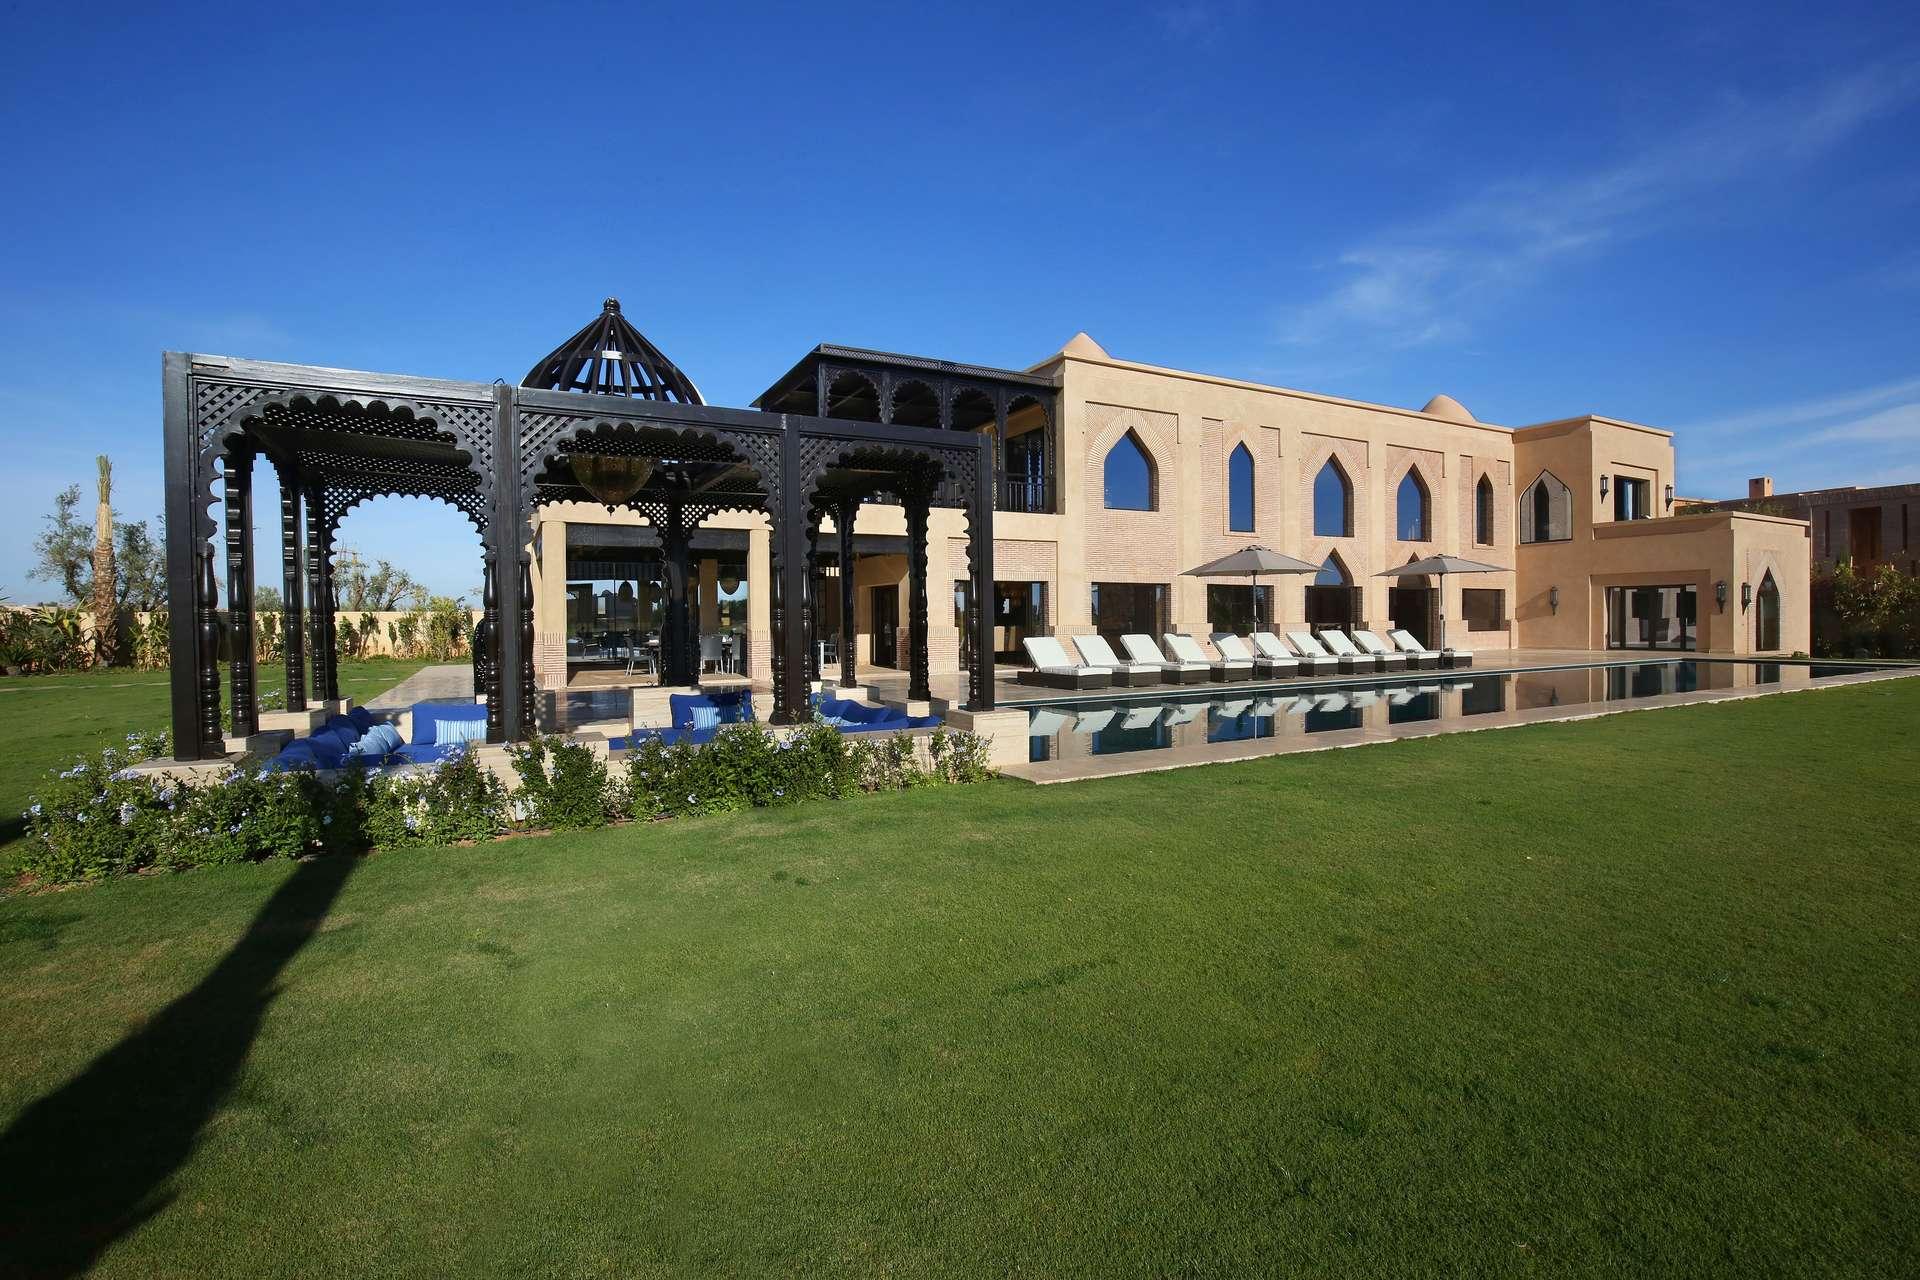 Luxury villa rentals africa - Morocco - Marrakesh - No location 4 - Amelkis - Image 1/20